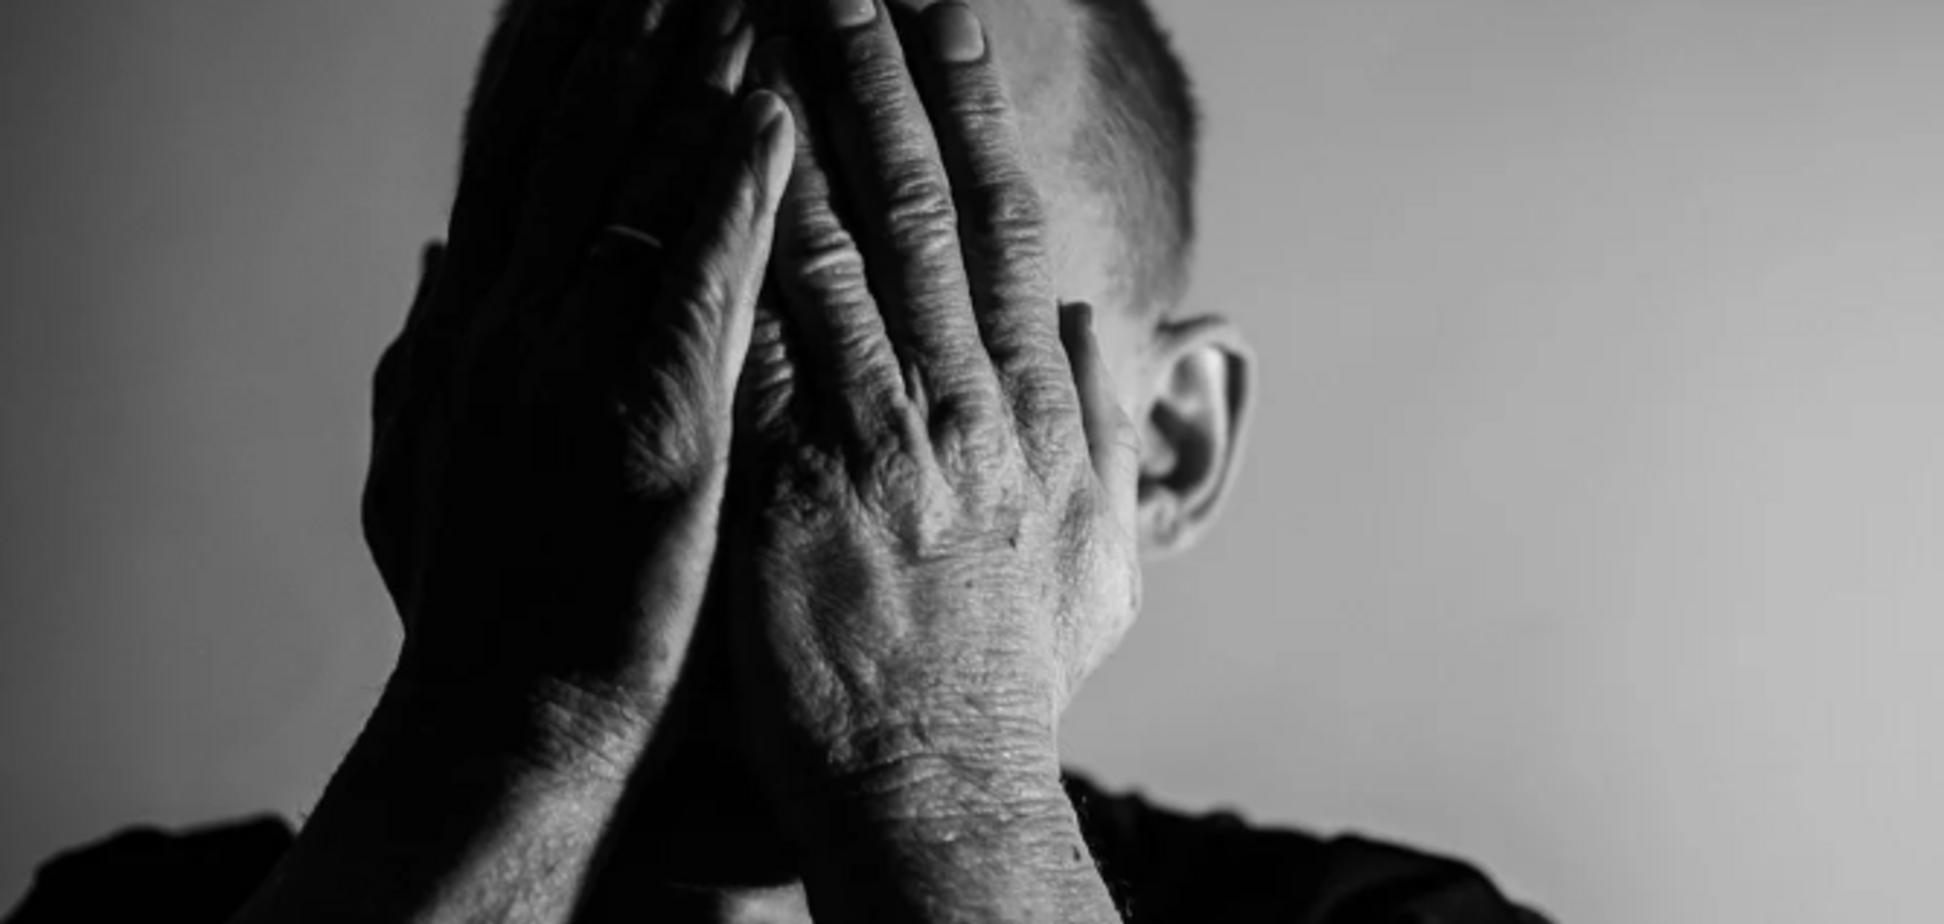 Відомий психіатр запропонував неймовірно простий спосіб лікування депресії